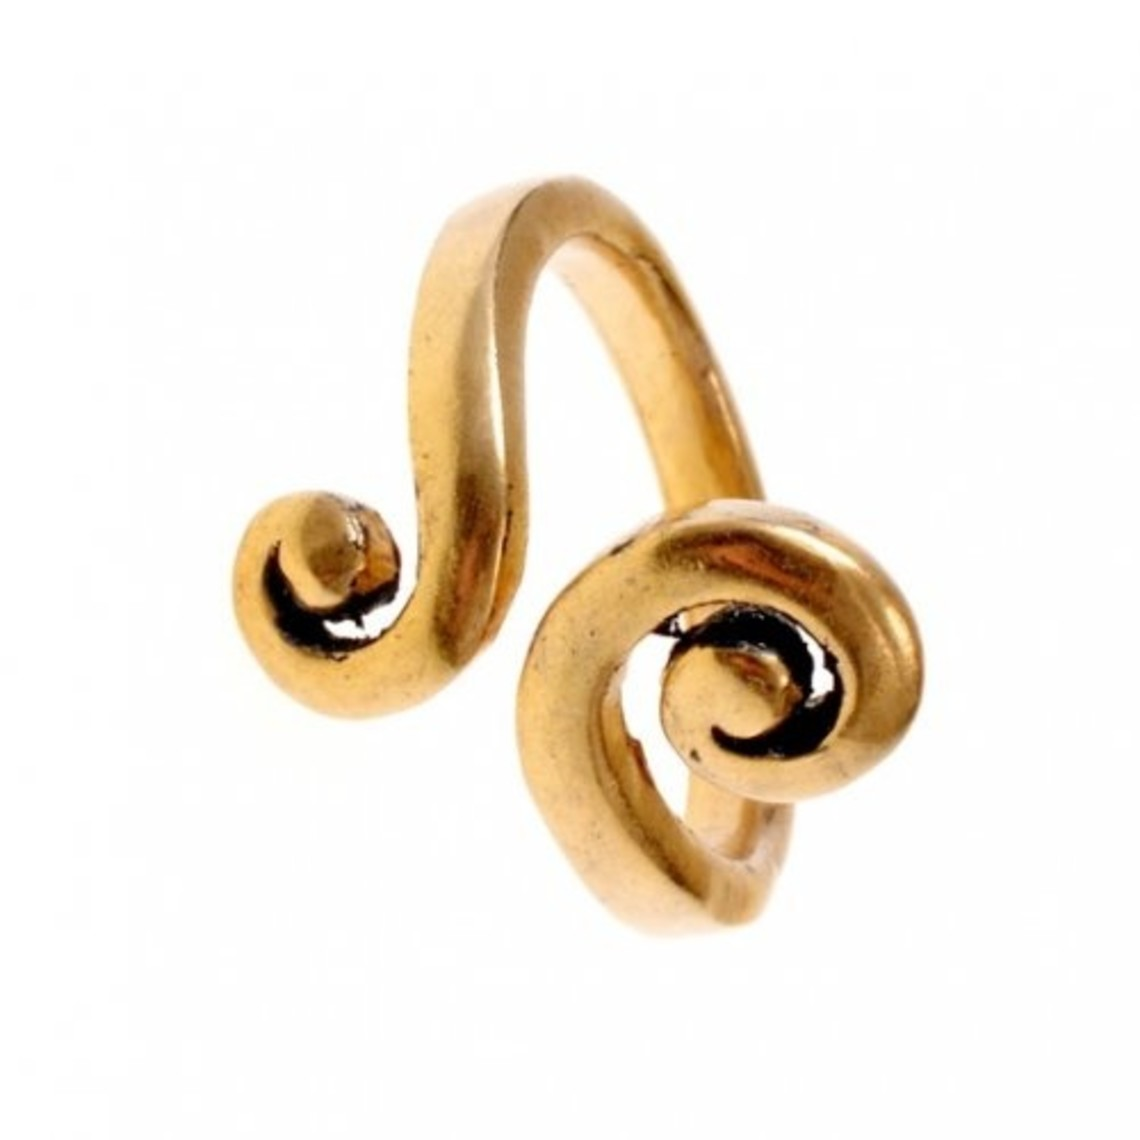 Keltische ring met gestyleerd spiraalmotief, brons